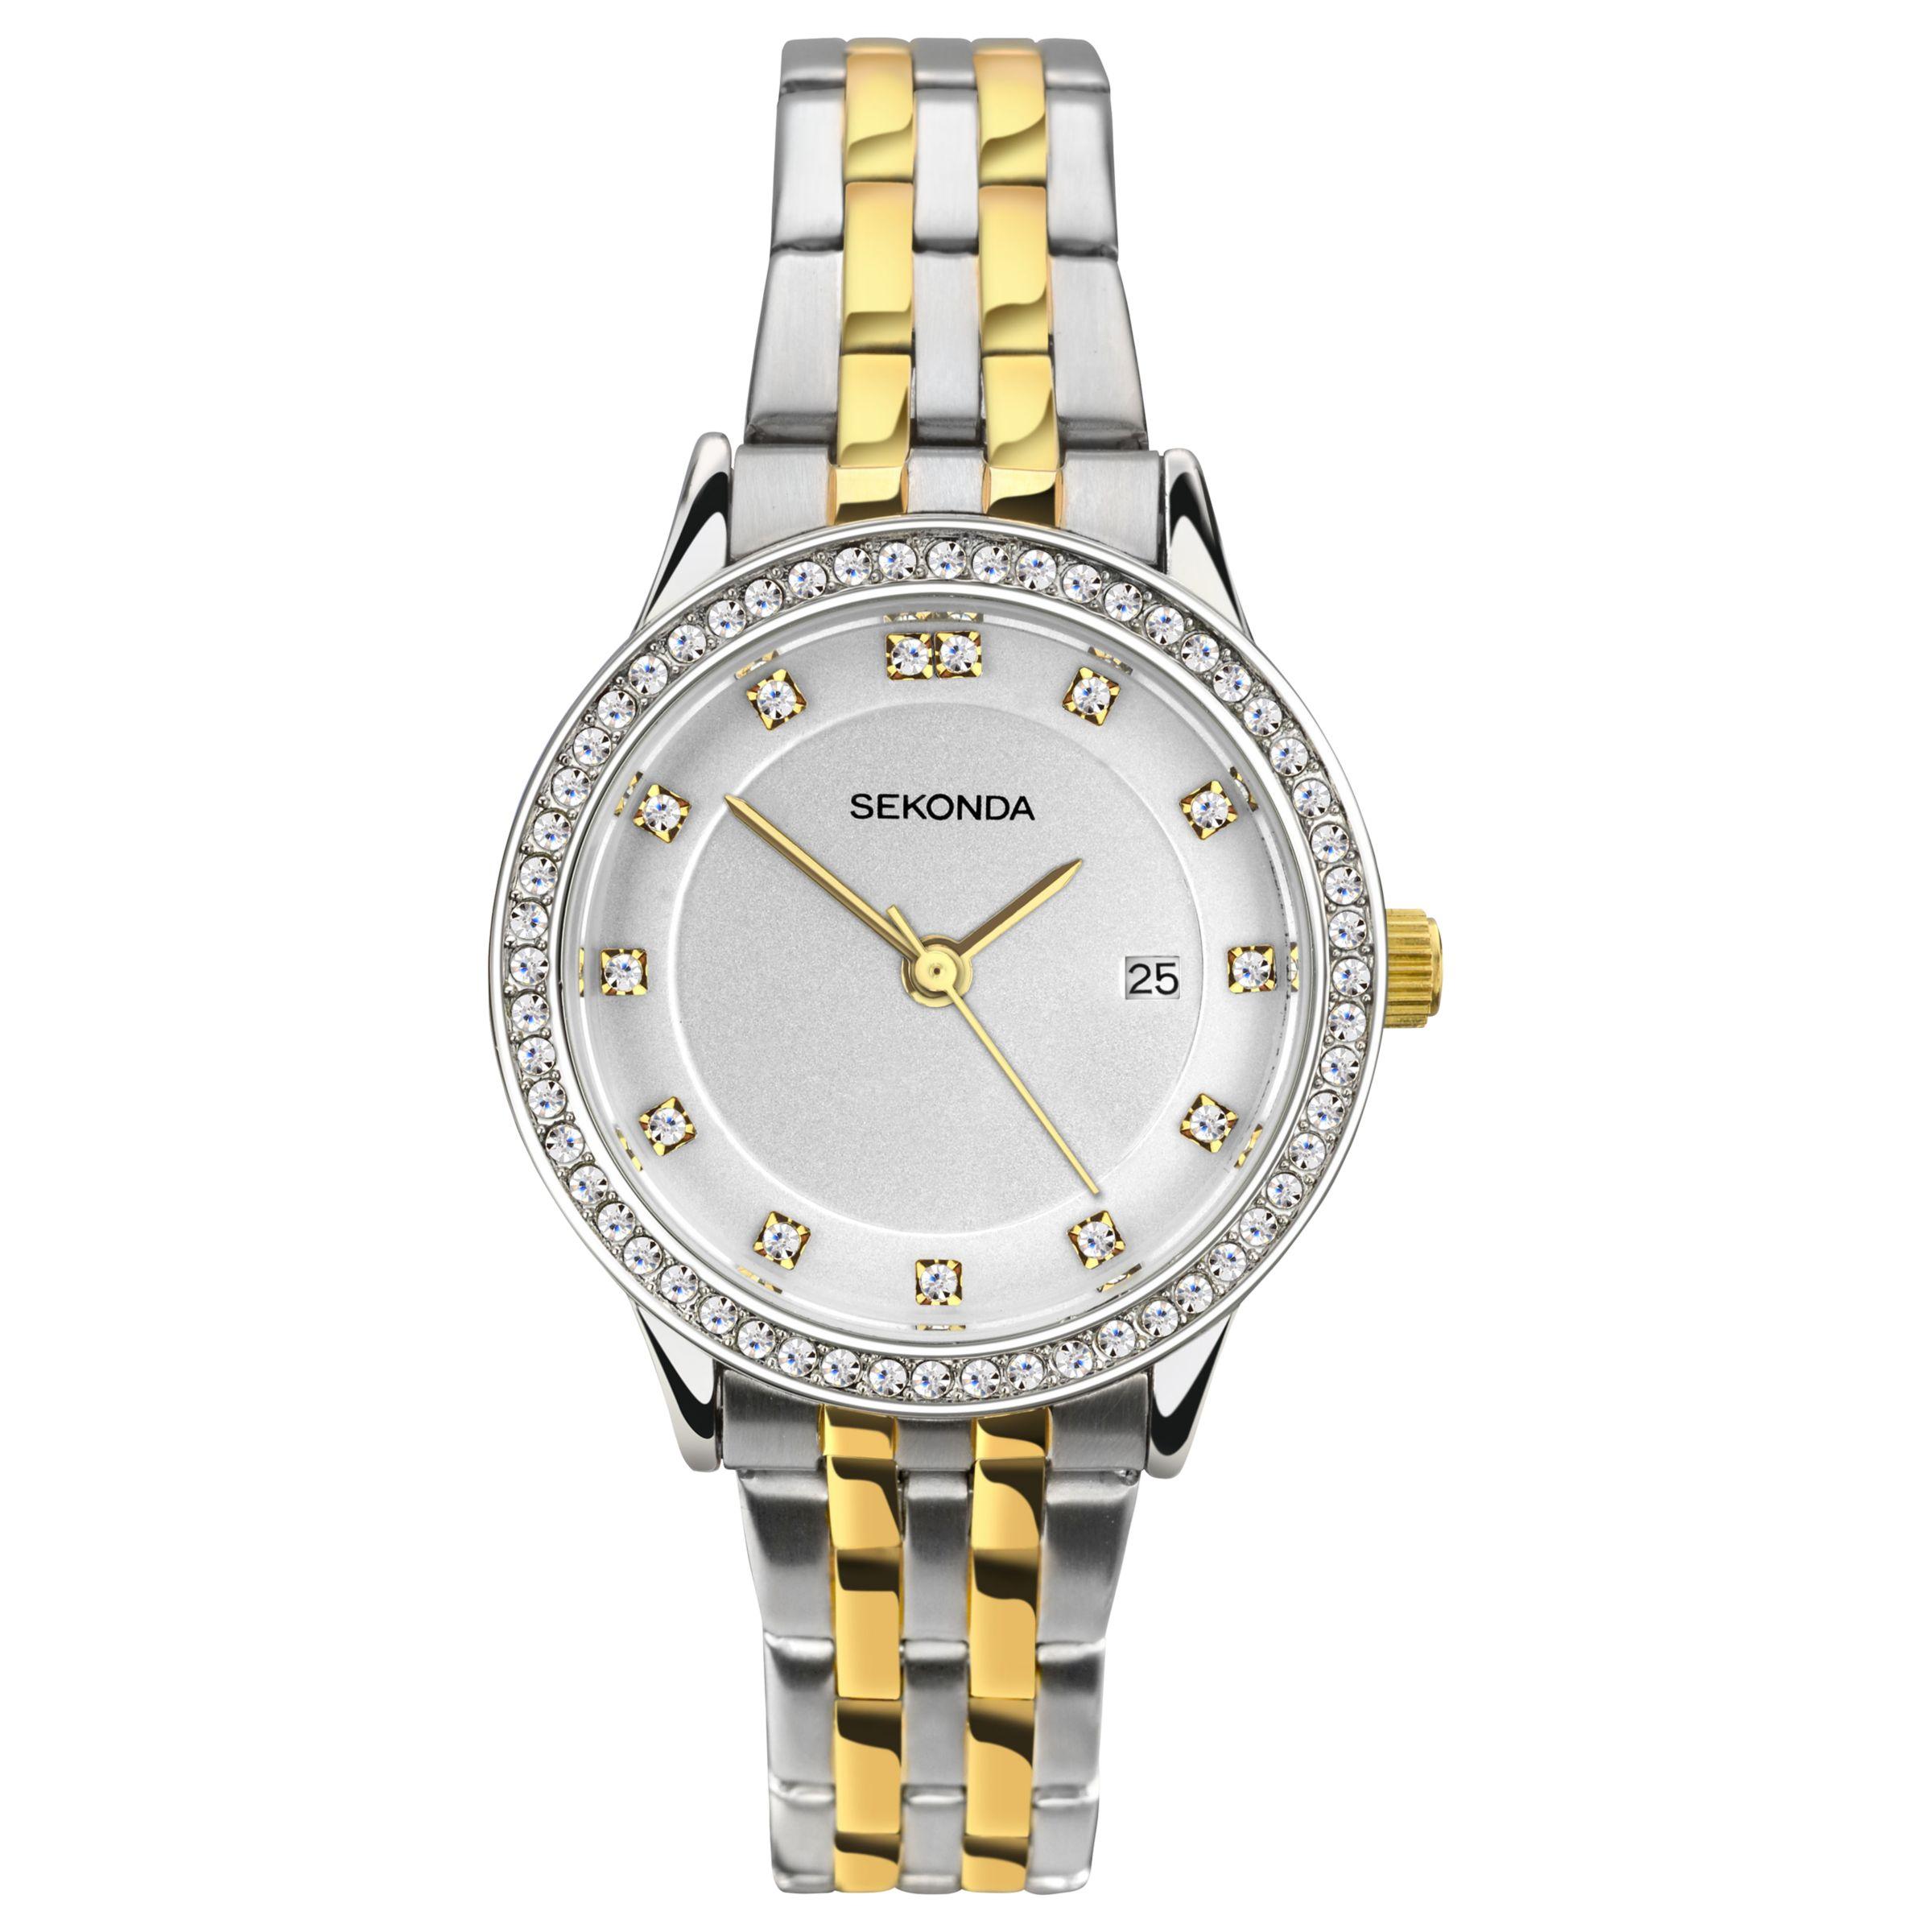 Sekonda Sekonda Women's Date Two Tone Bracelet Strap Watch